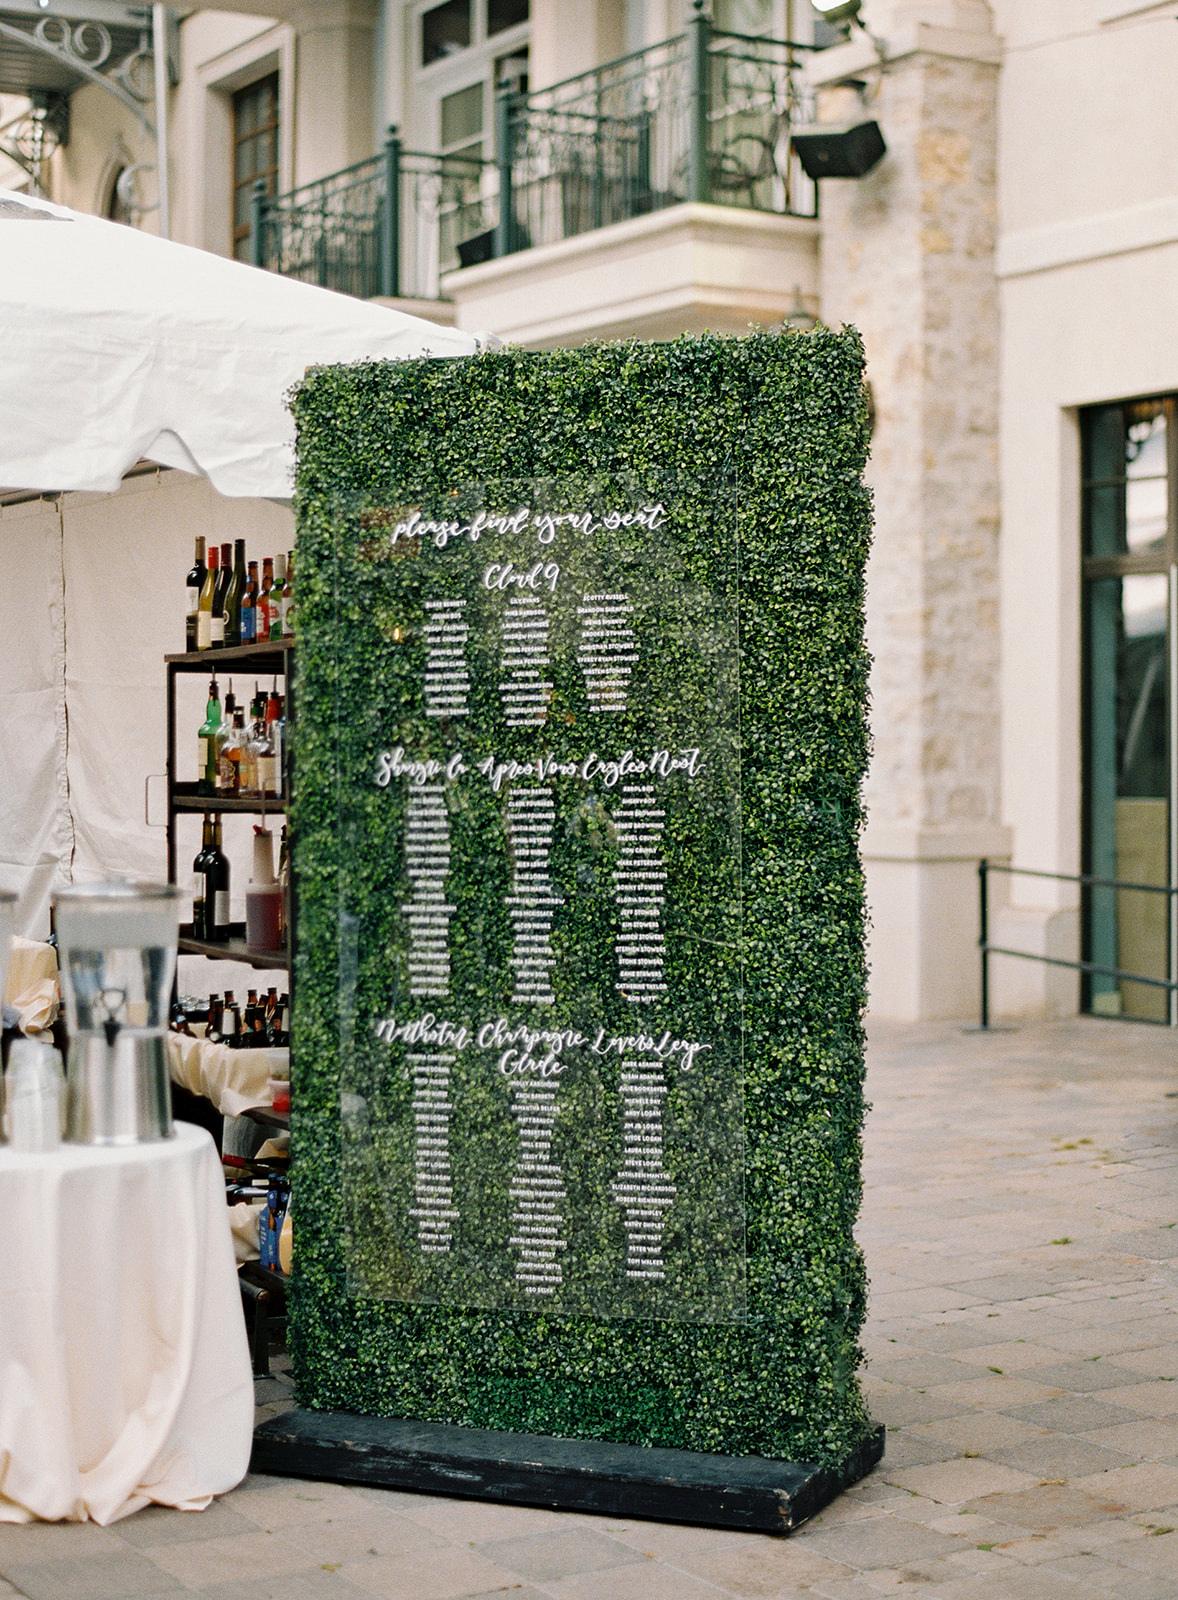 acryllic board seating chart greenery wall